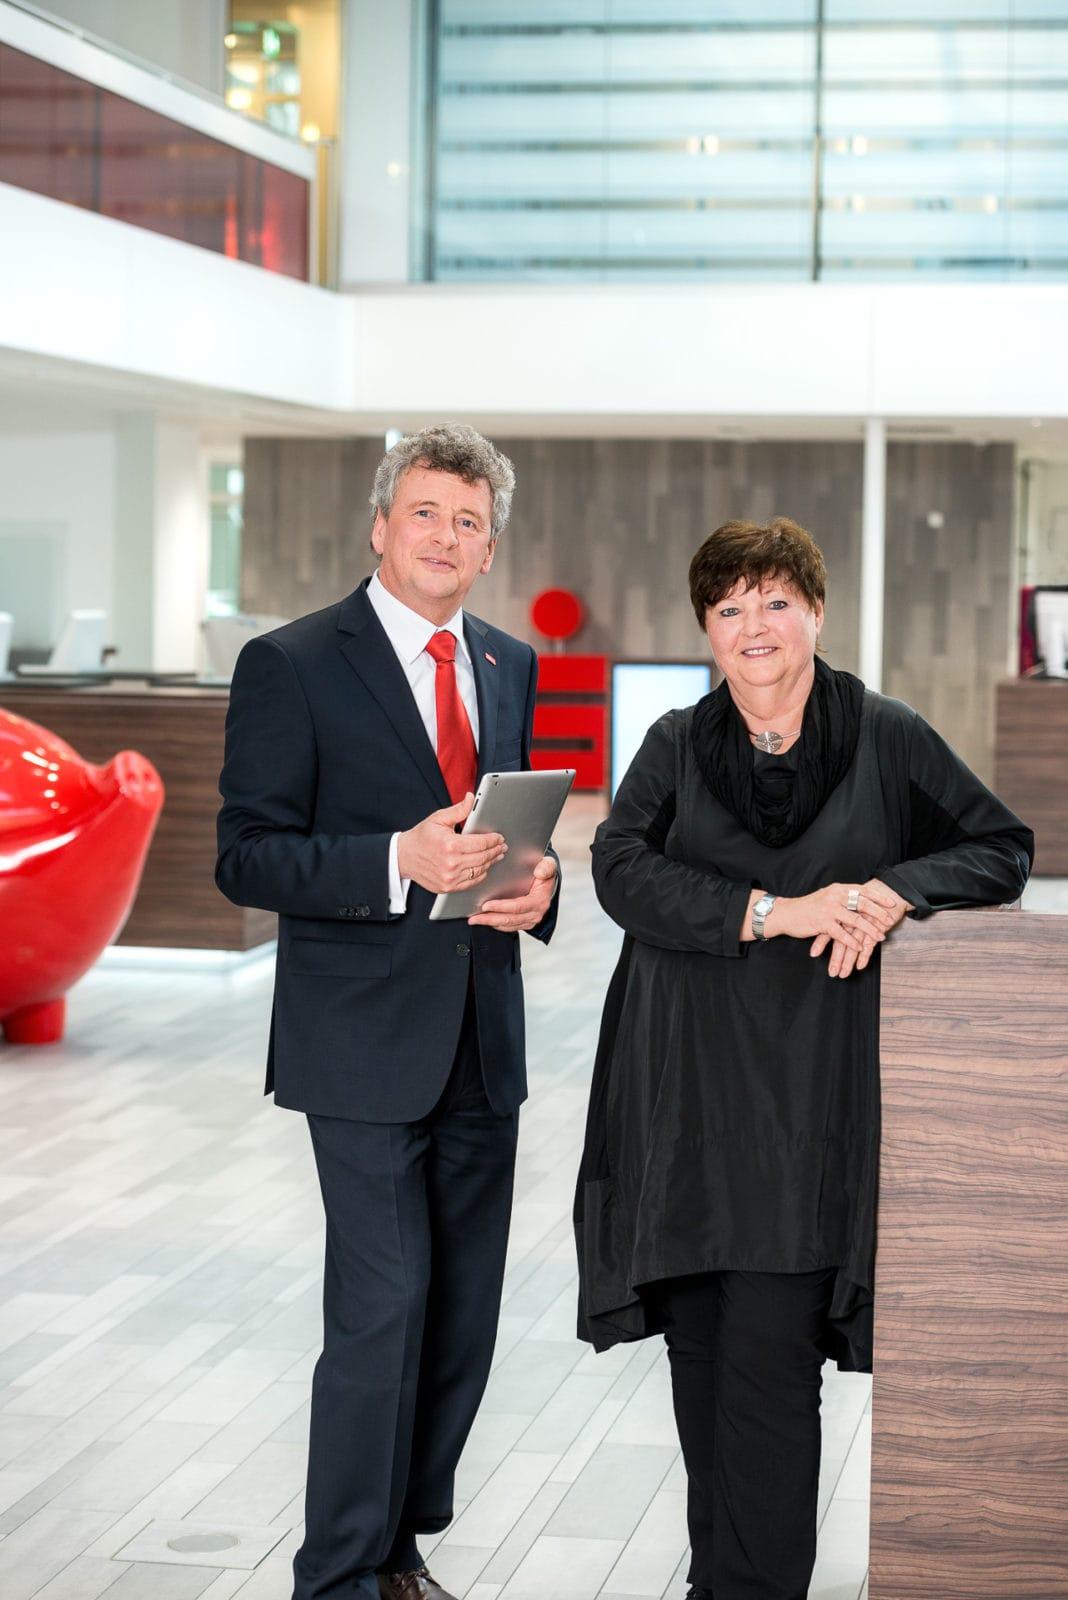 Business Fotografie für den Geschäftsbericht der Sparkasse Schwerte / Werbeagentur: CanVas Agentur Welver